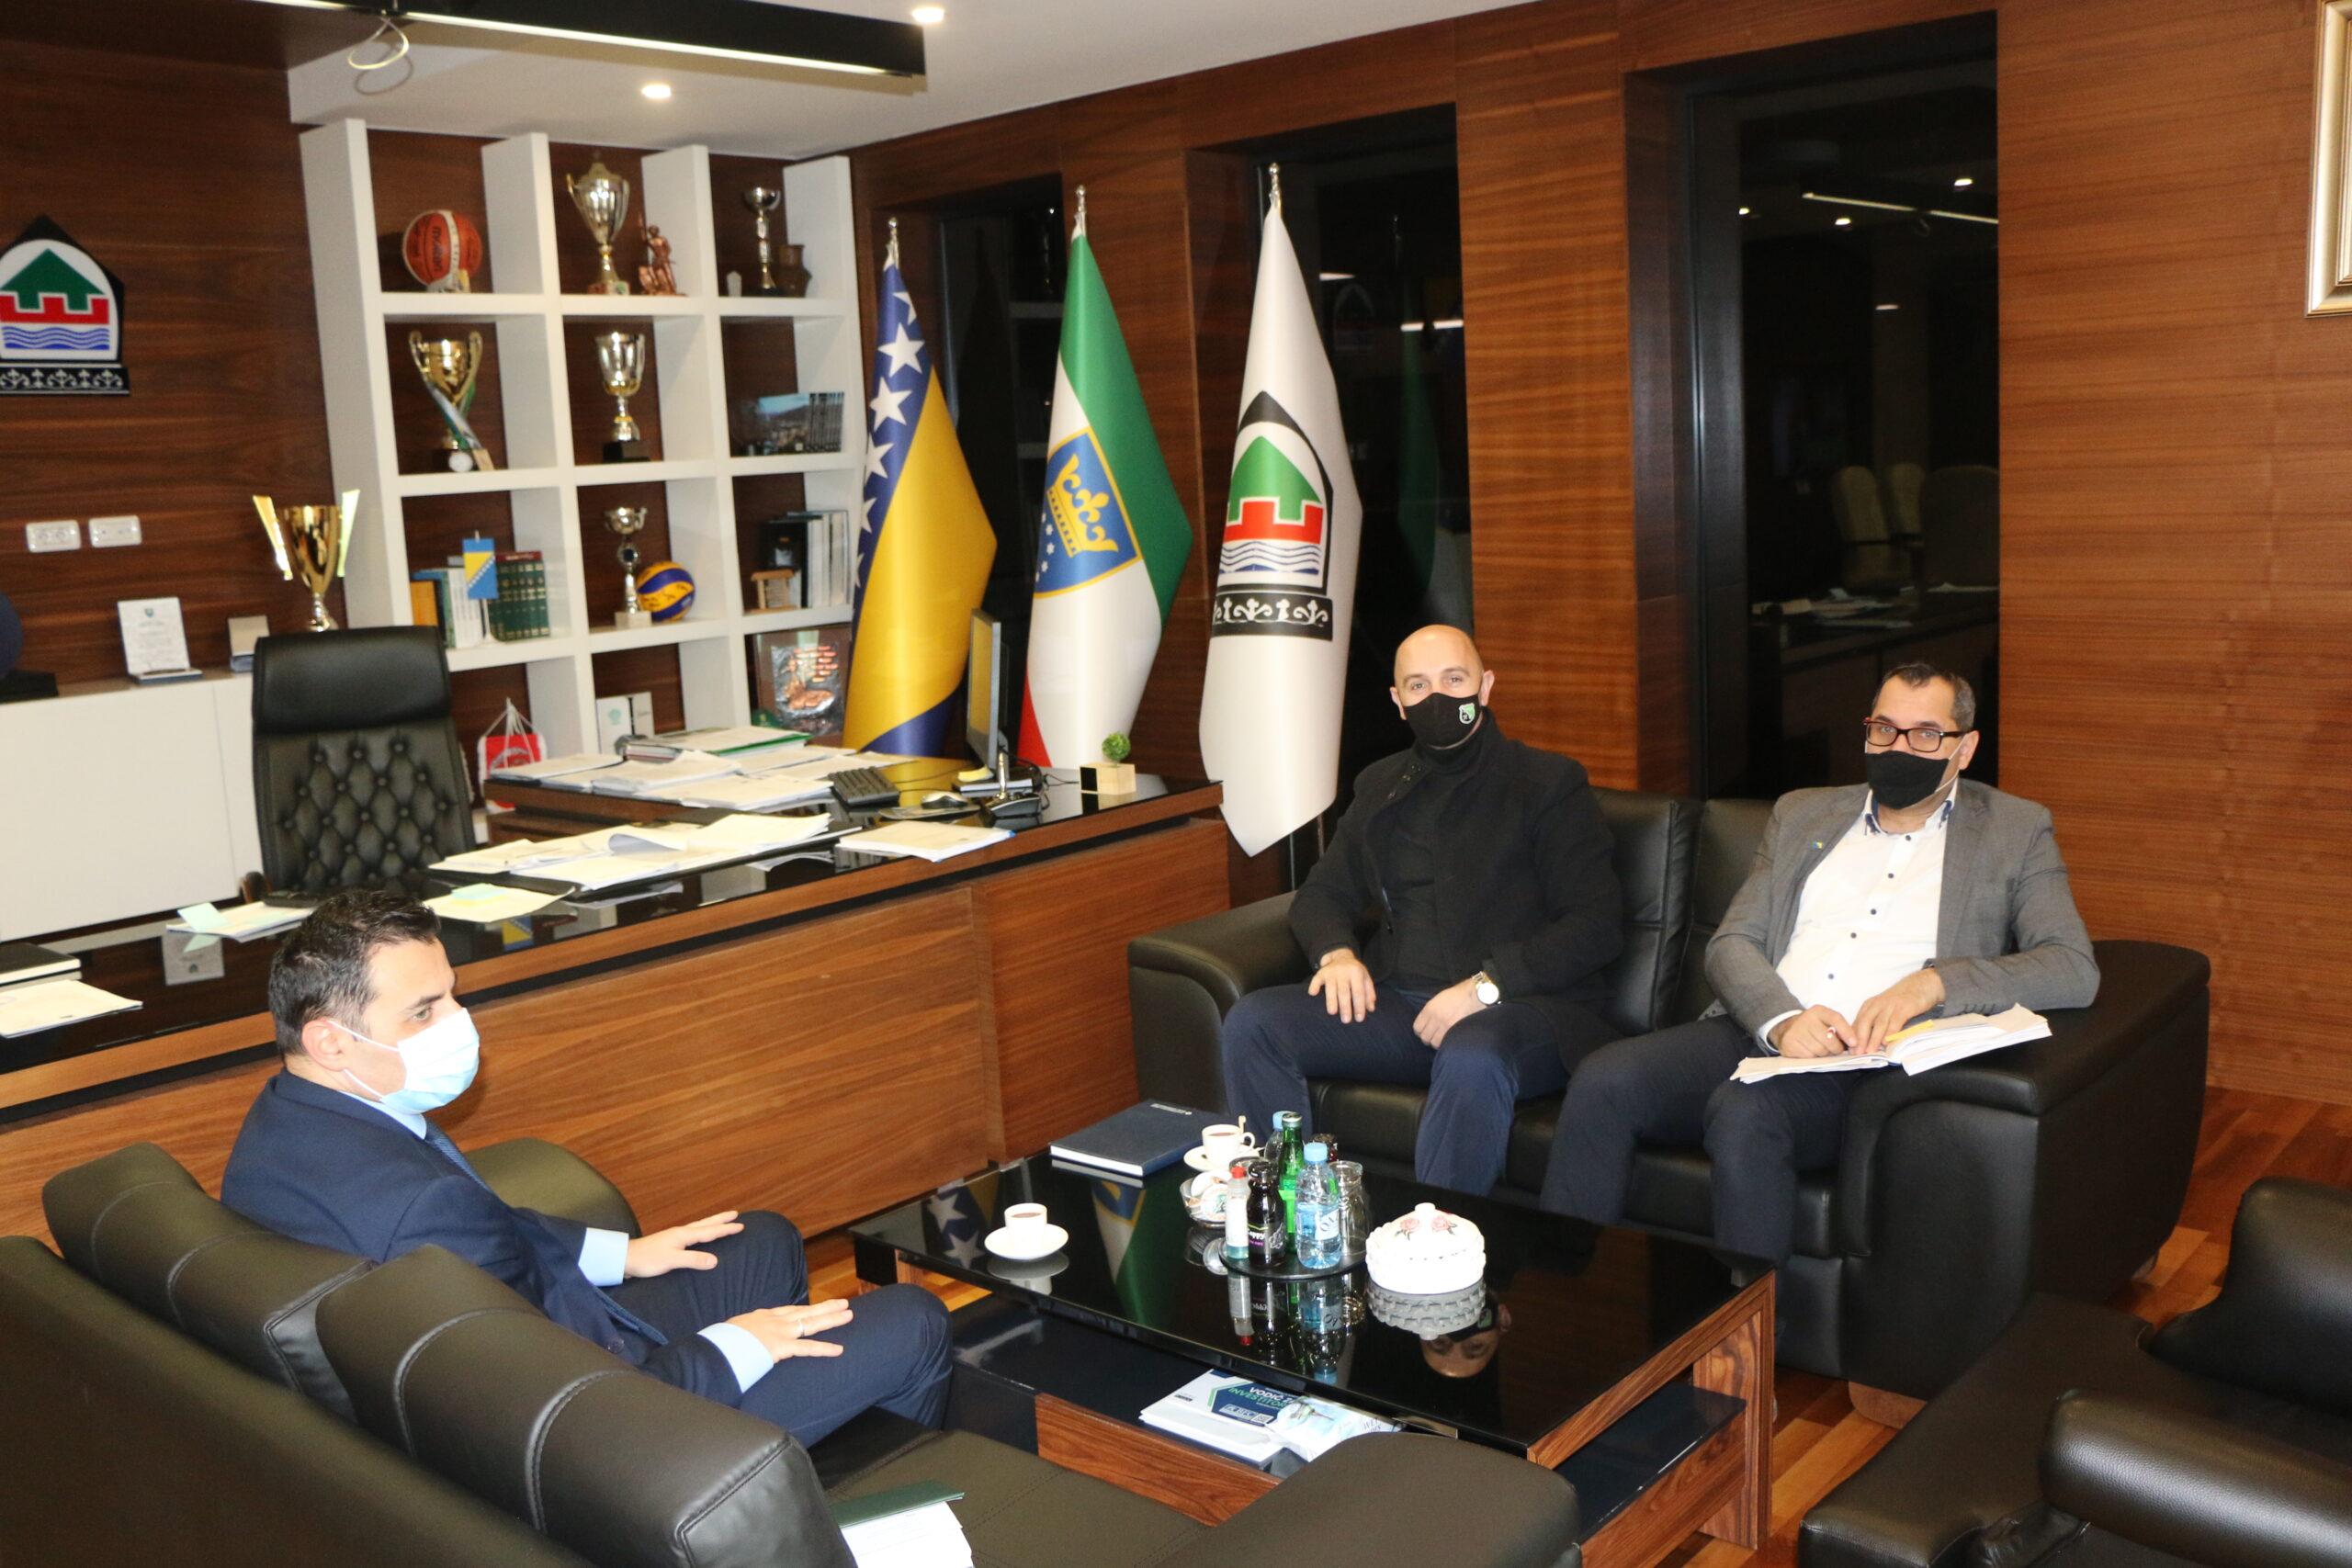 Ured načelnika: Upriličen prijem za Almira Alagića, predsjednika Savjeta Mjesne zajednice Bukovlje